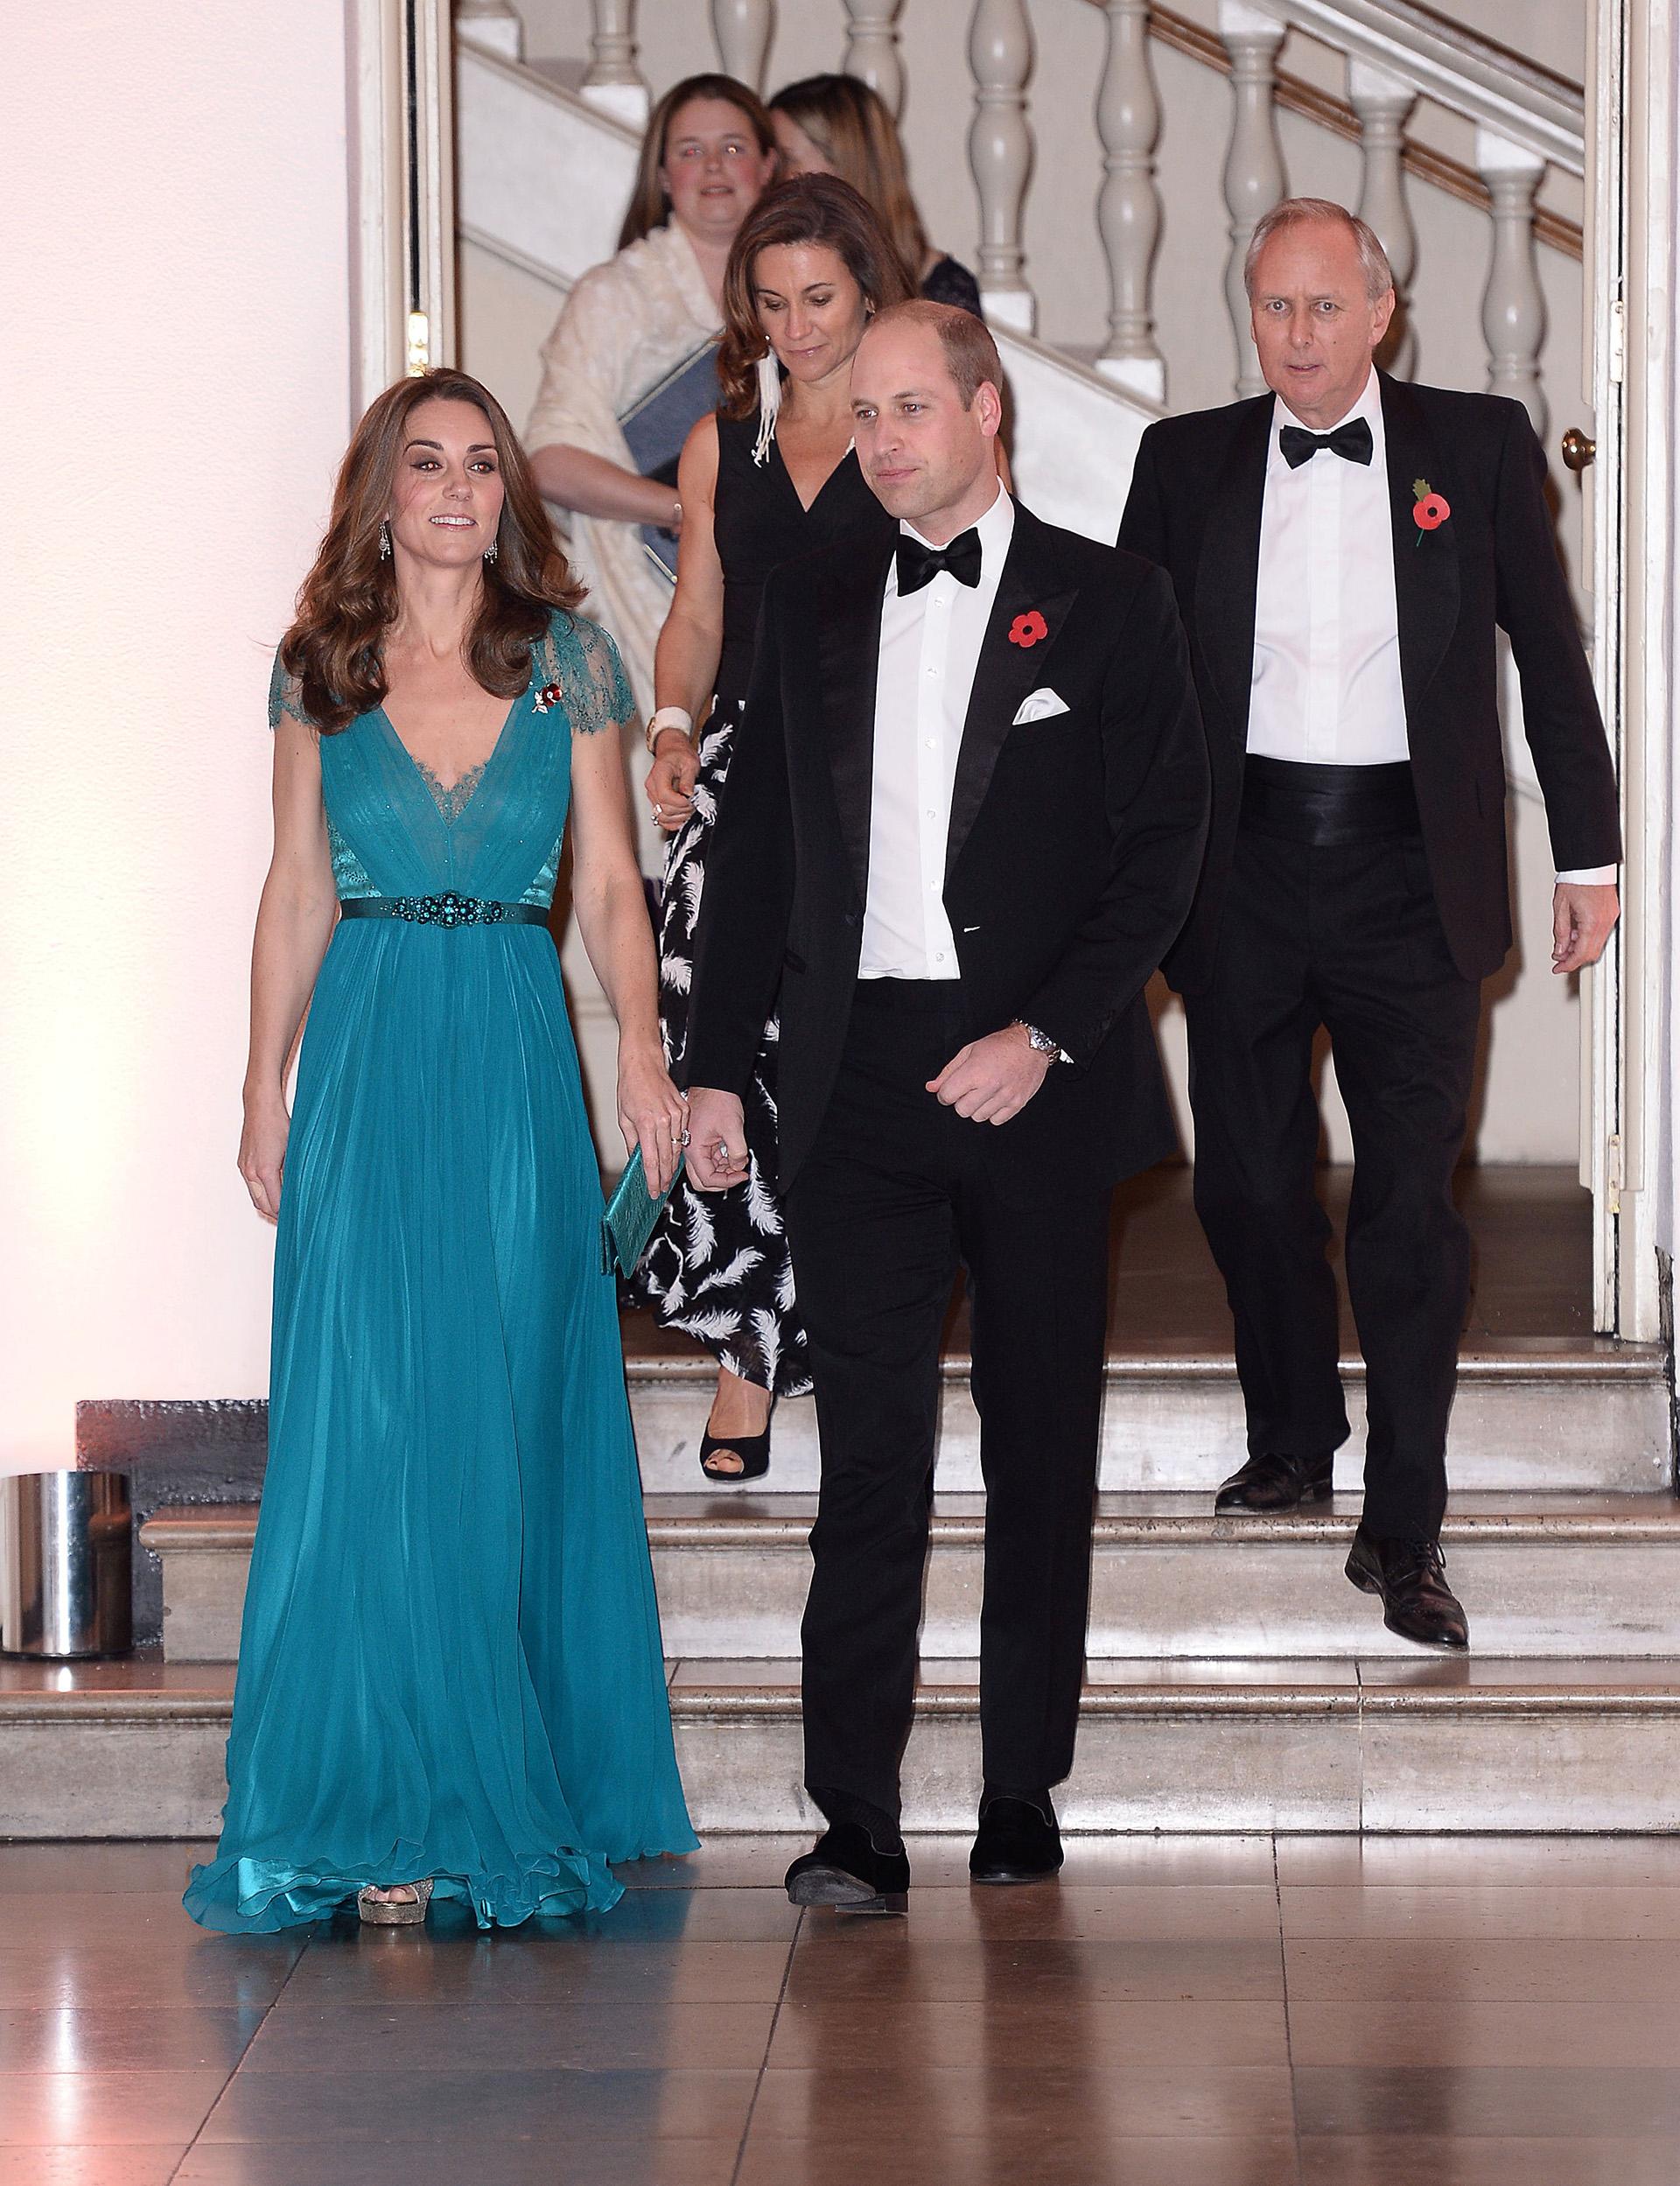 Catalina y Guillermo contrajeron matrimonio el 29 de abril de 2011 en la Abadía de Westminster /// Fotos: Reuters